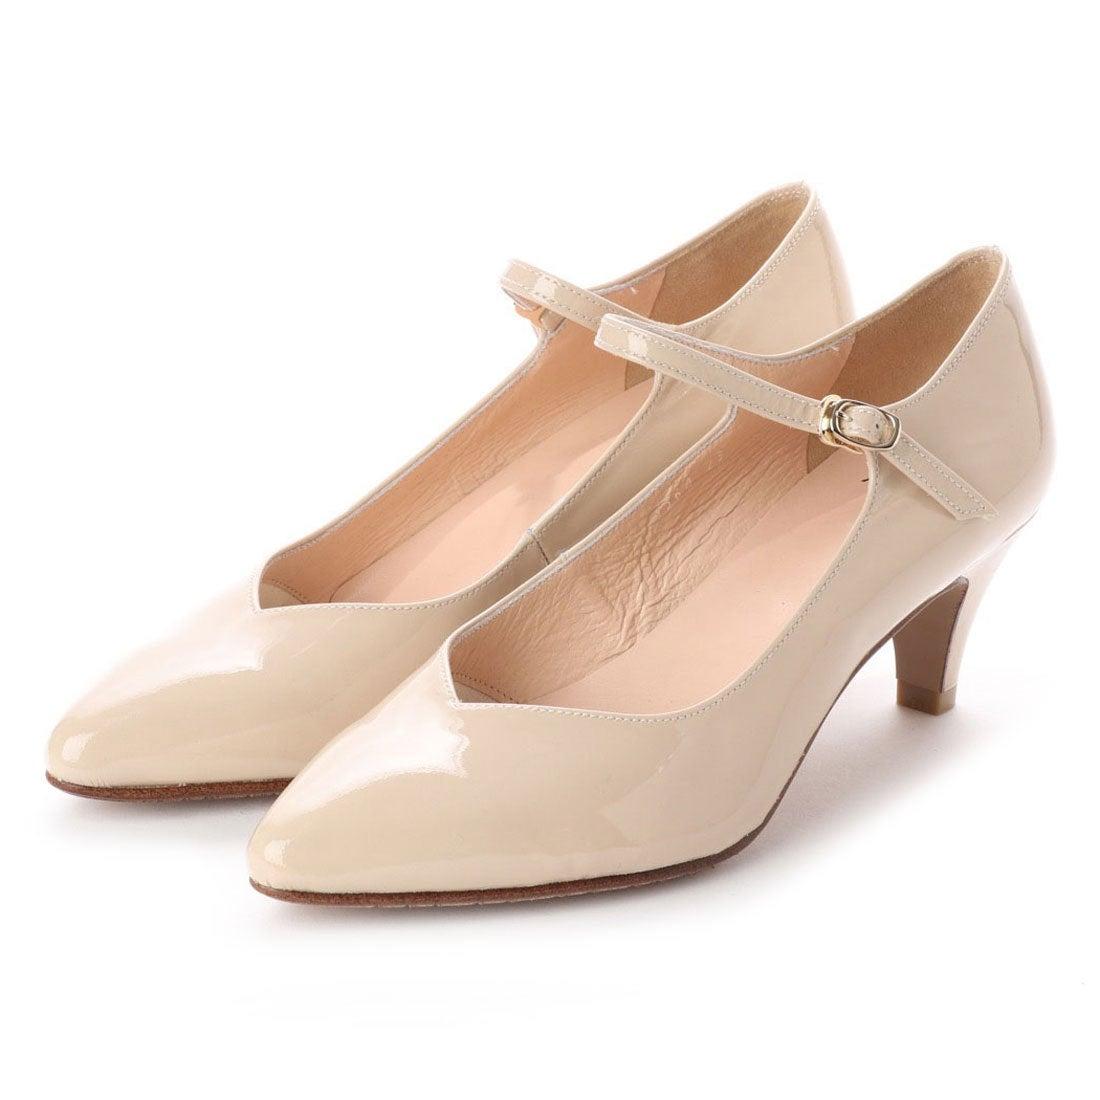 ロコンド 靴とファッションの通販サイトフラッグFLAGサラサラ撥水ストラップパンプス(PK/E)